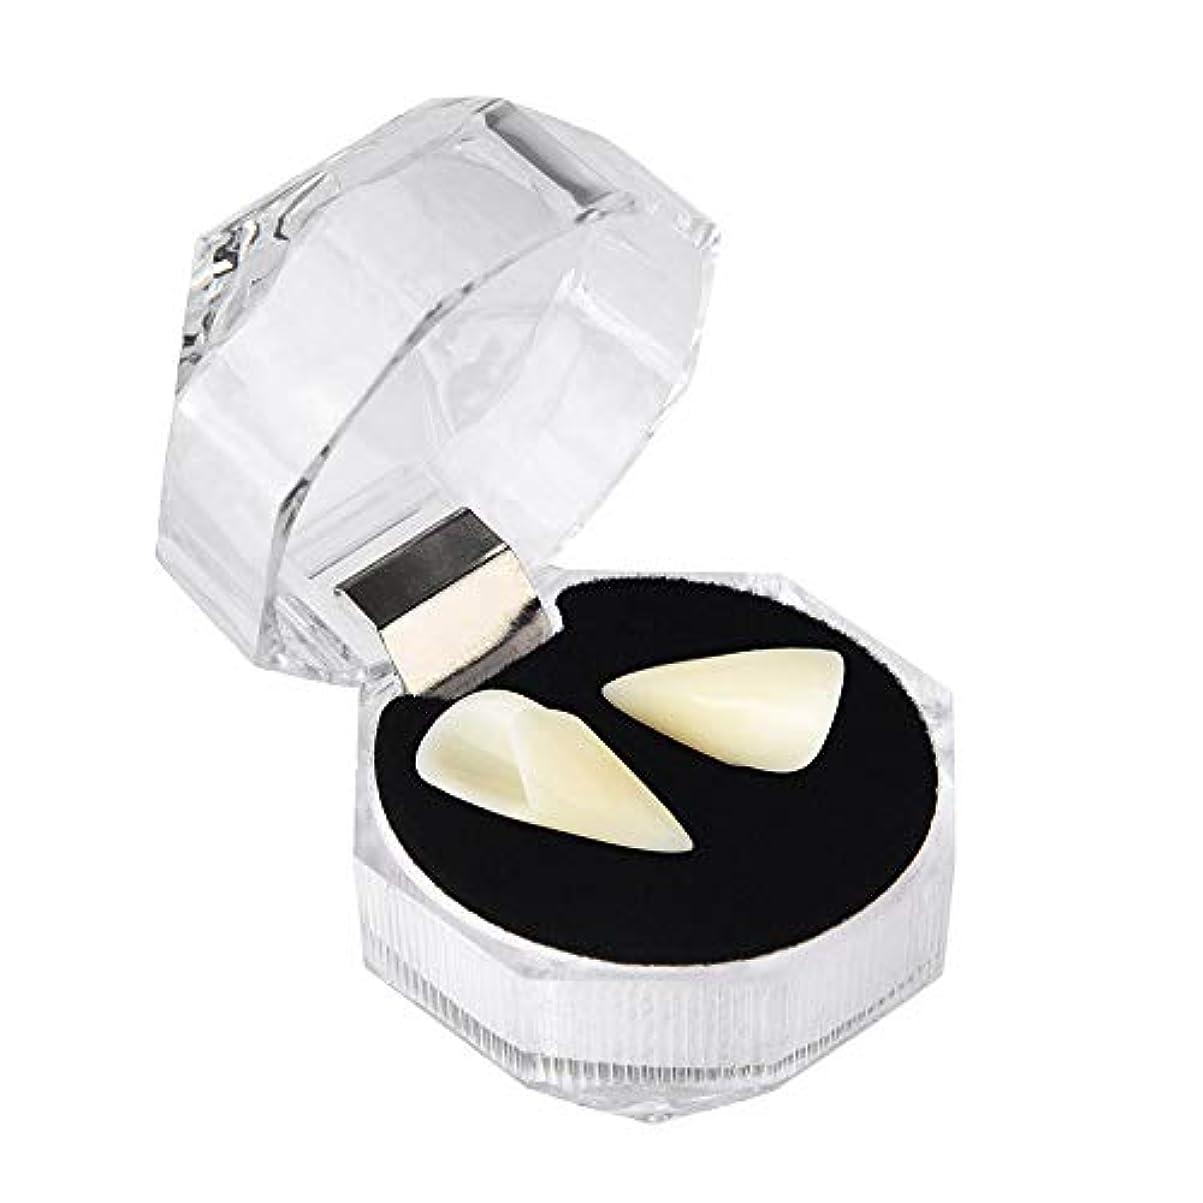 シリング清めるマラドロイトユニセックスハロウィーンロールプレイングゾンビ義歯、樹脂にやさしい食品グレード義歯(13mm、15mm、17mm、19mm),19mm